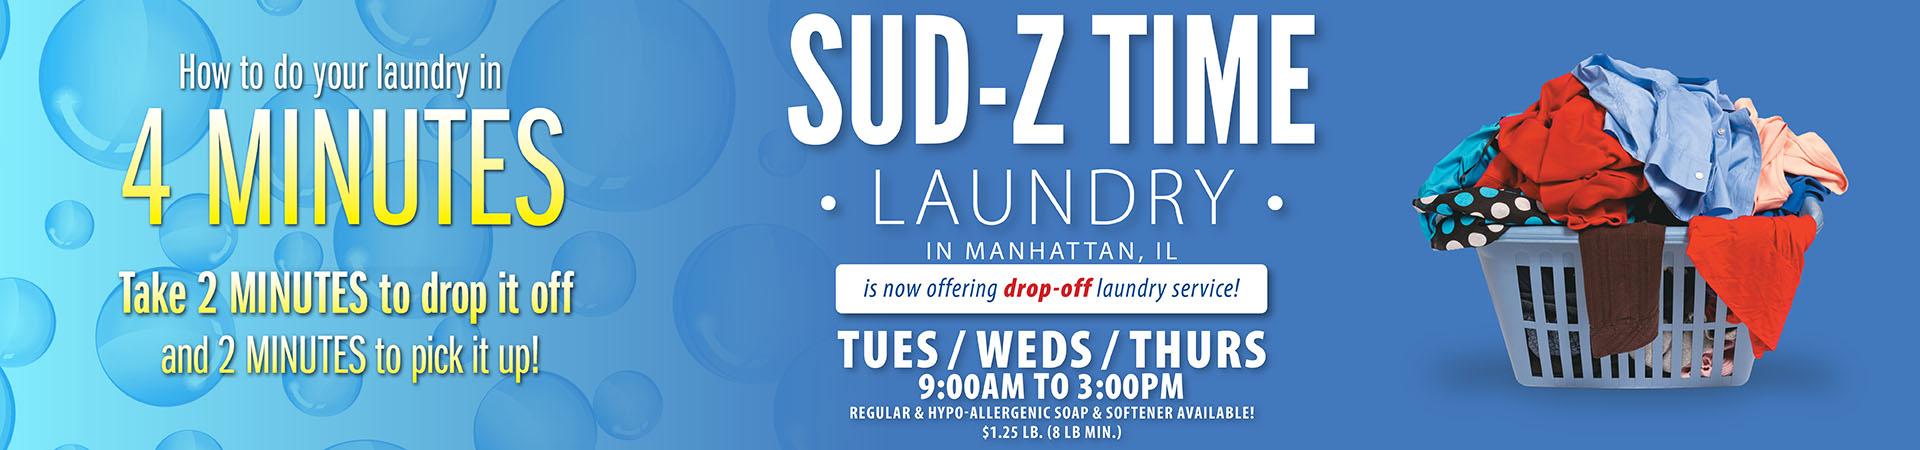 Sub-Z Time Laundry 022499 LP